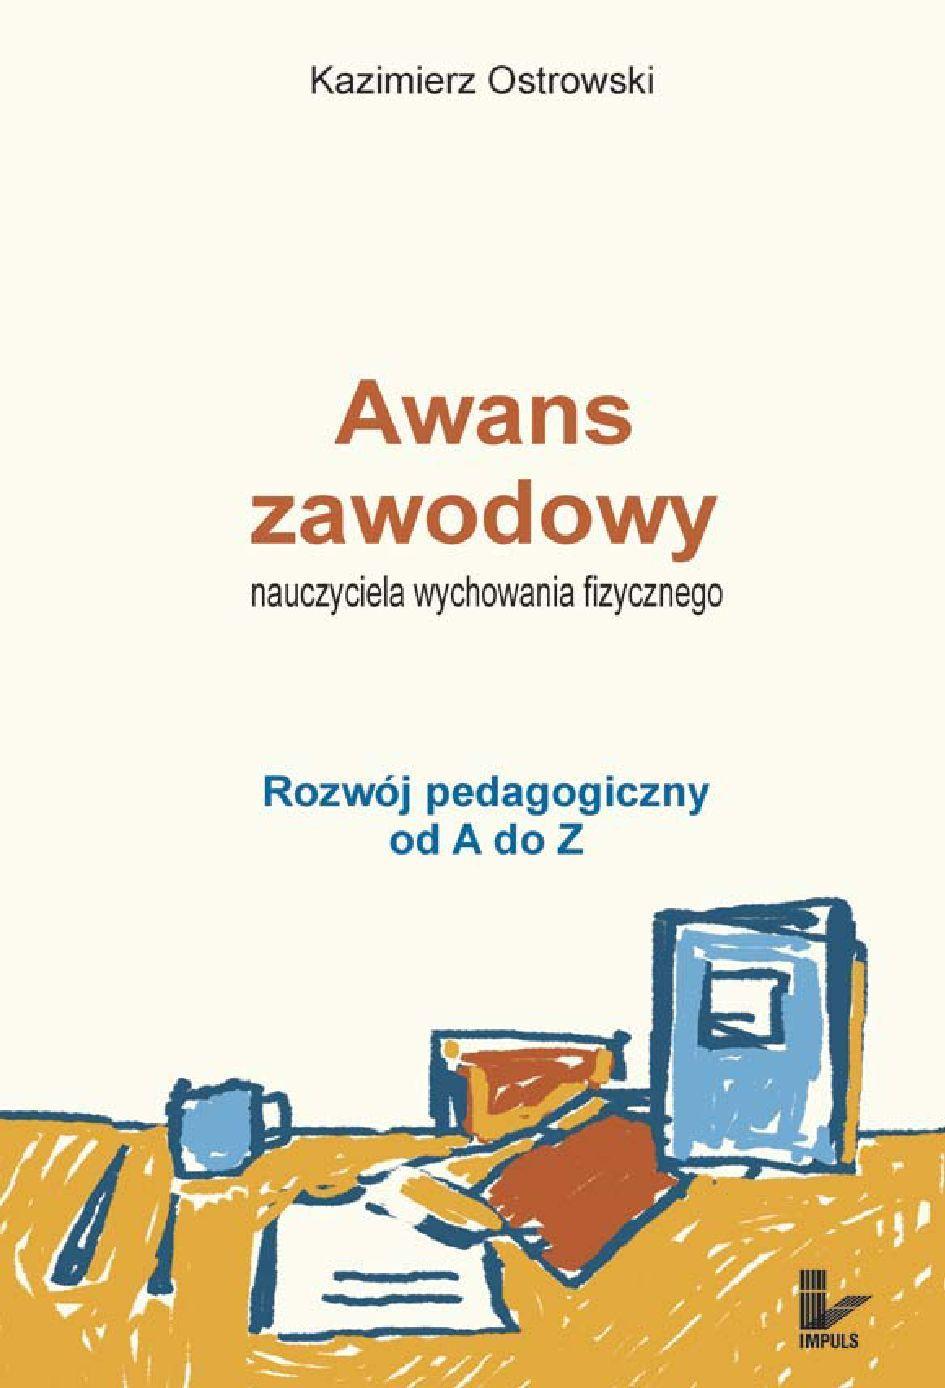 Awans zawodowy nauczyciela wychowania fizycznego. Rozwój pedagogiczny od A do Z - Ebook (Książka na Kindle) do pobrania w formacie MOBI